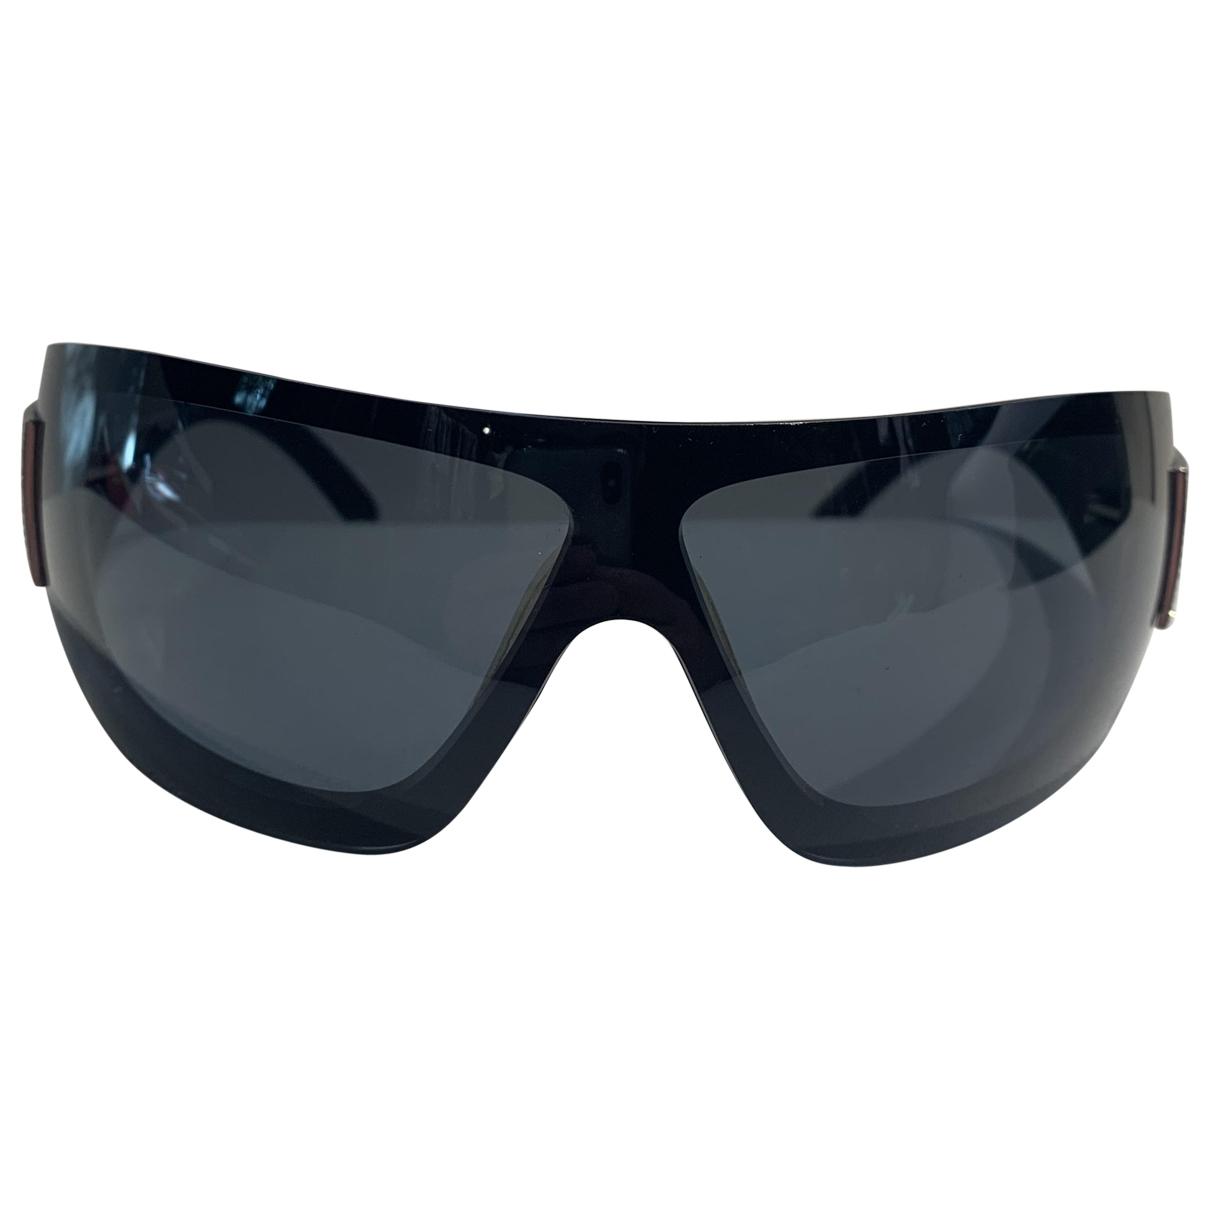 Gafas mascara Chanel